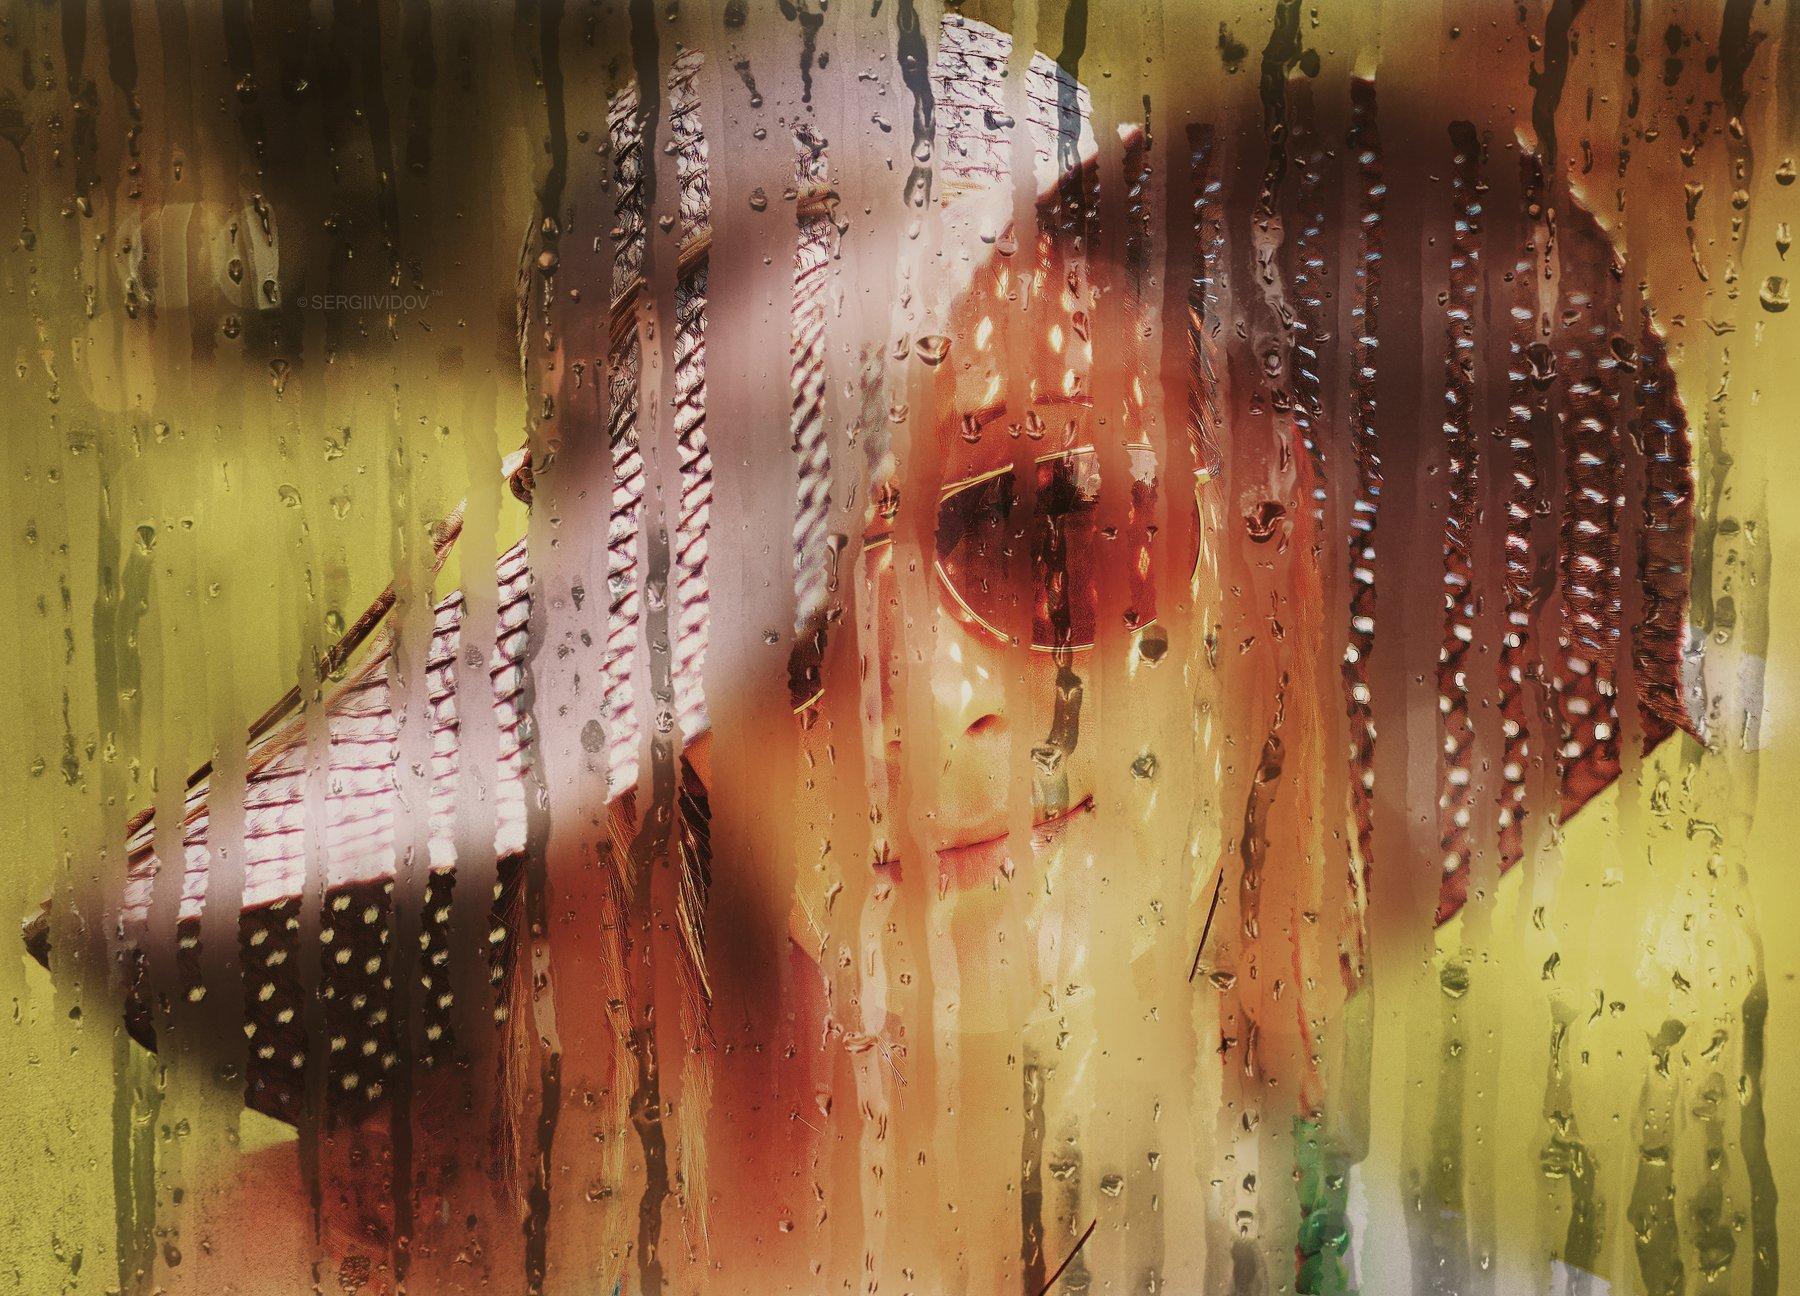 девушка, лето, портрет, блондинка, дождь, стекло, Sergii Vidov